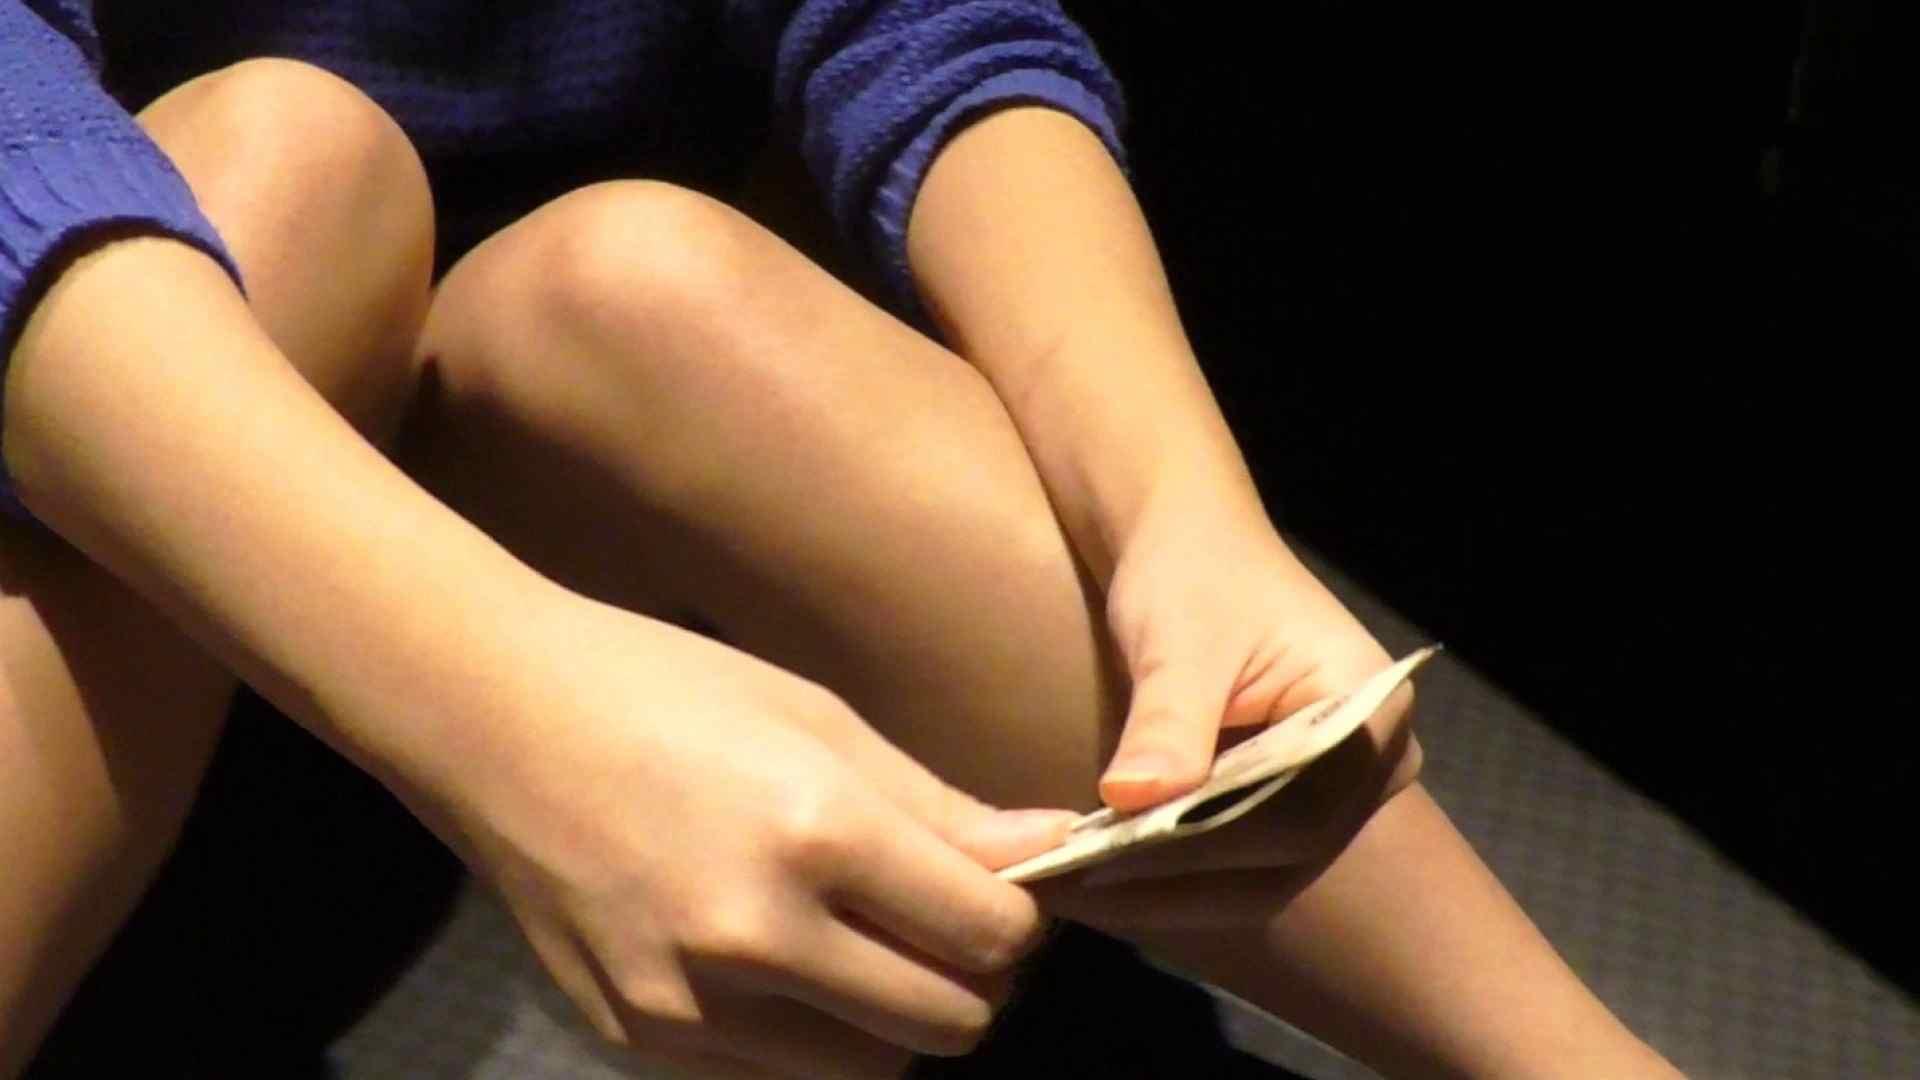 パンツを売る女 Vol.09 パンツ売る子って結構いますね。またまたGET! フェラ・シーン   美肌  80枚 31